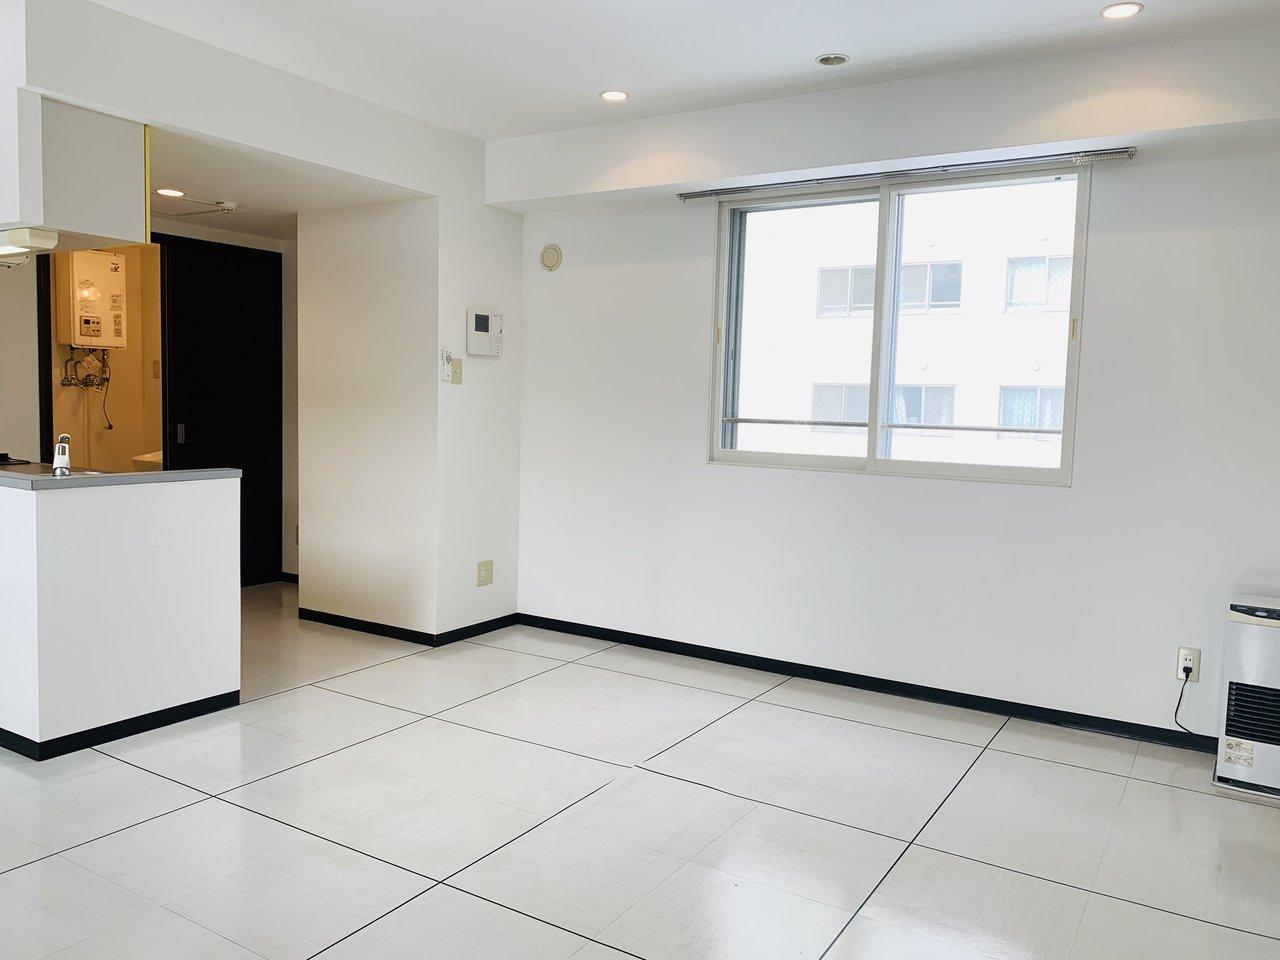 リビングキッチンにも窓があるので、室内どこにいても明るさを感じられるはず。リビングも10畳以上あるので、ダイニングテーブルなども置けそうですよ。